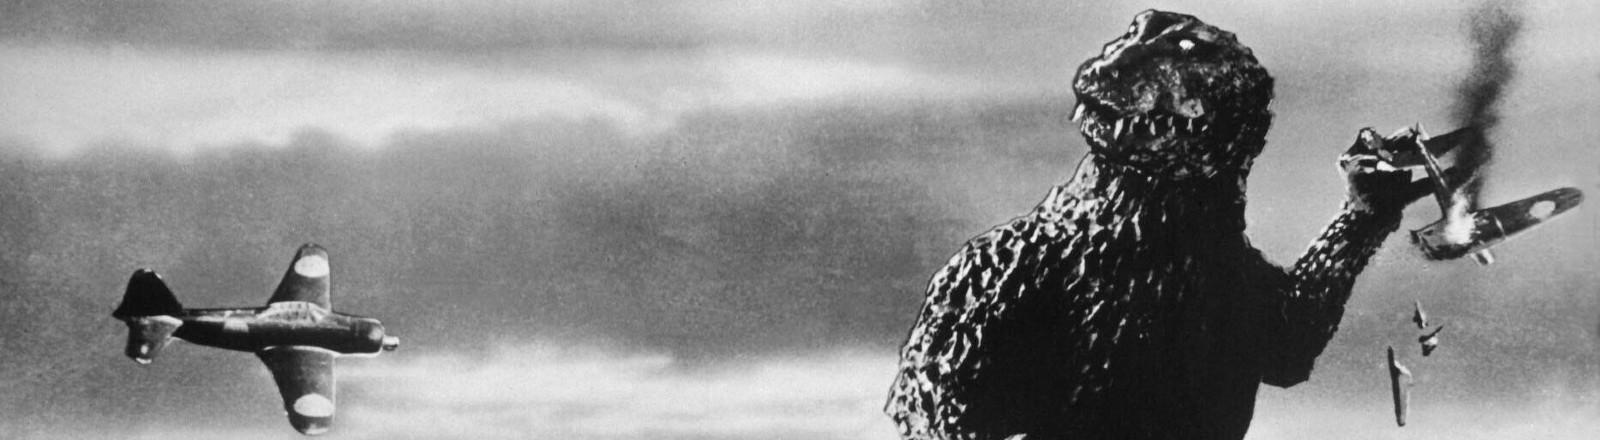 Ausschnitt aus dem Godzilla-Film 1954.